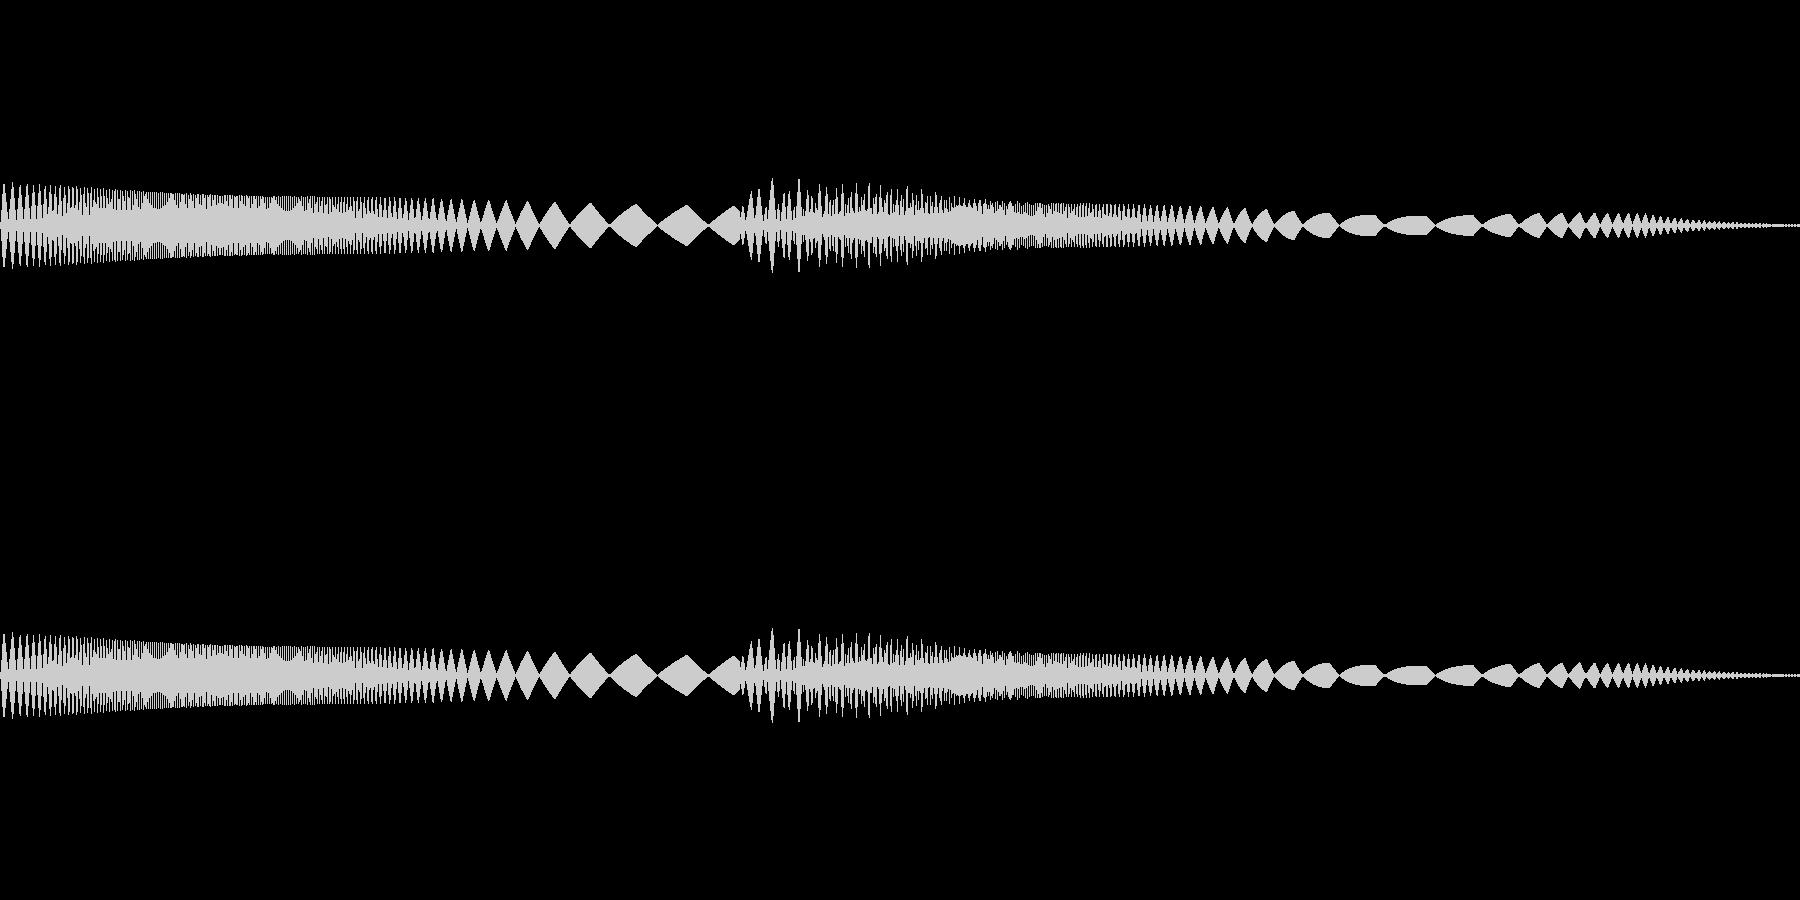 ピャピャ(可愛いキャラが登場する時など)の未再生の波形